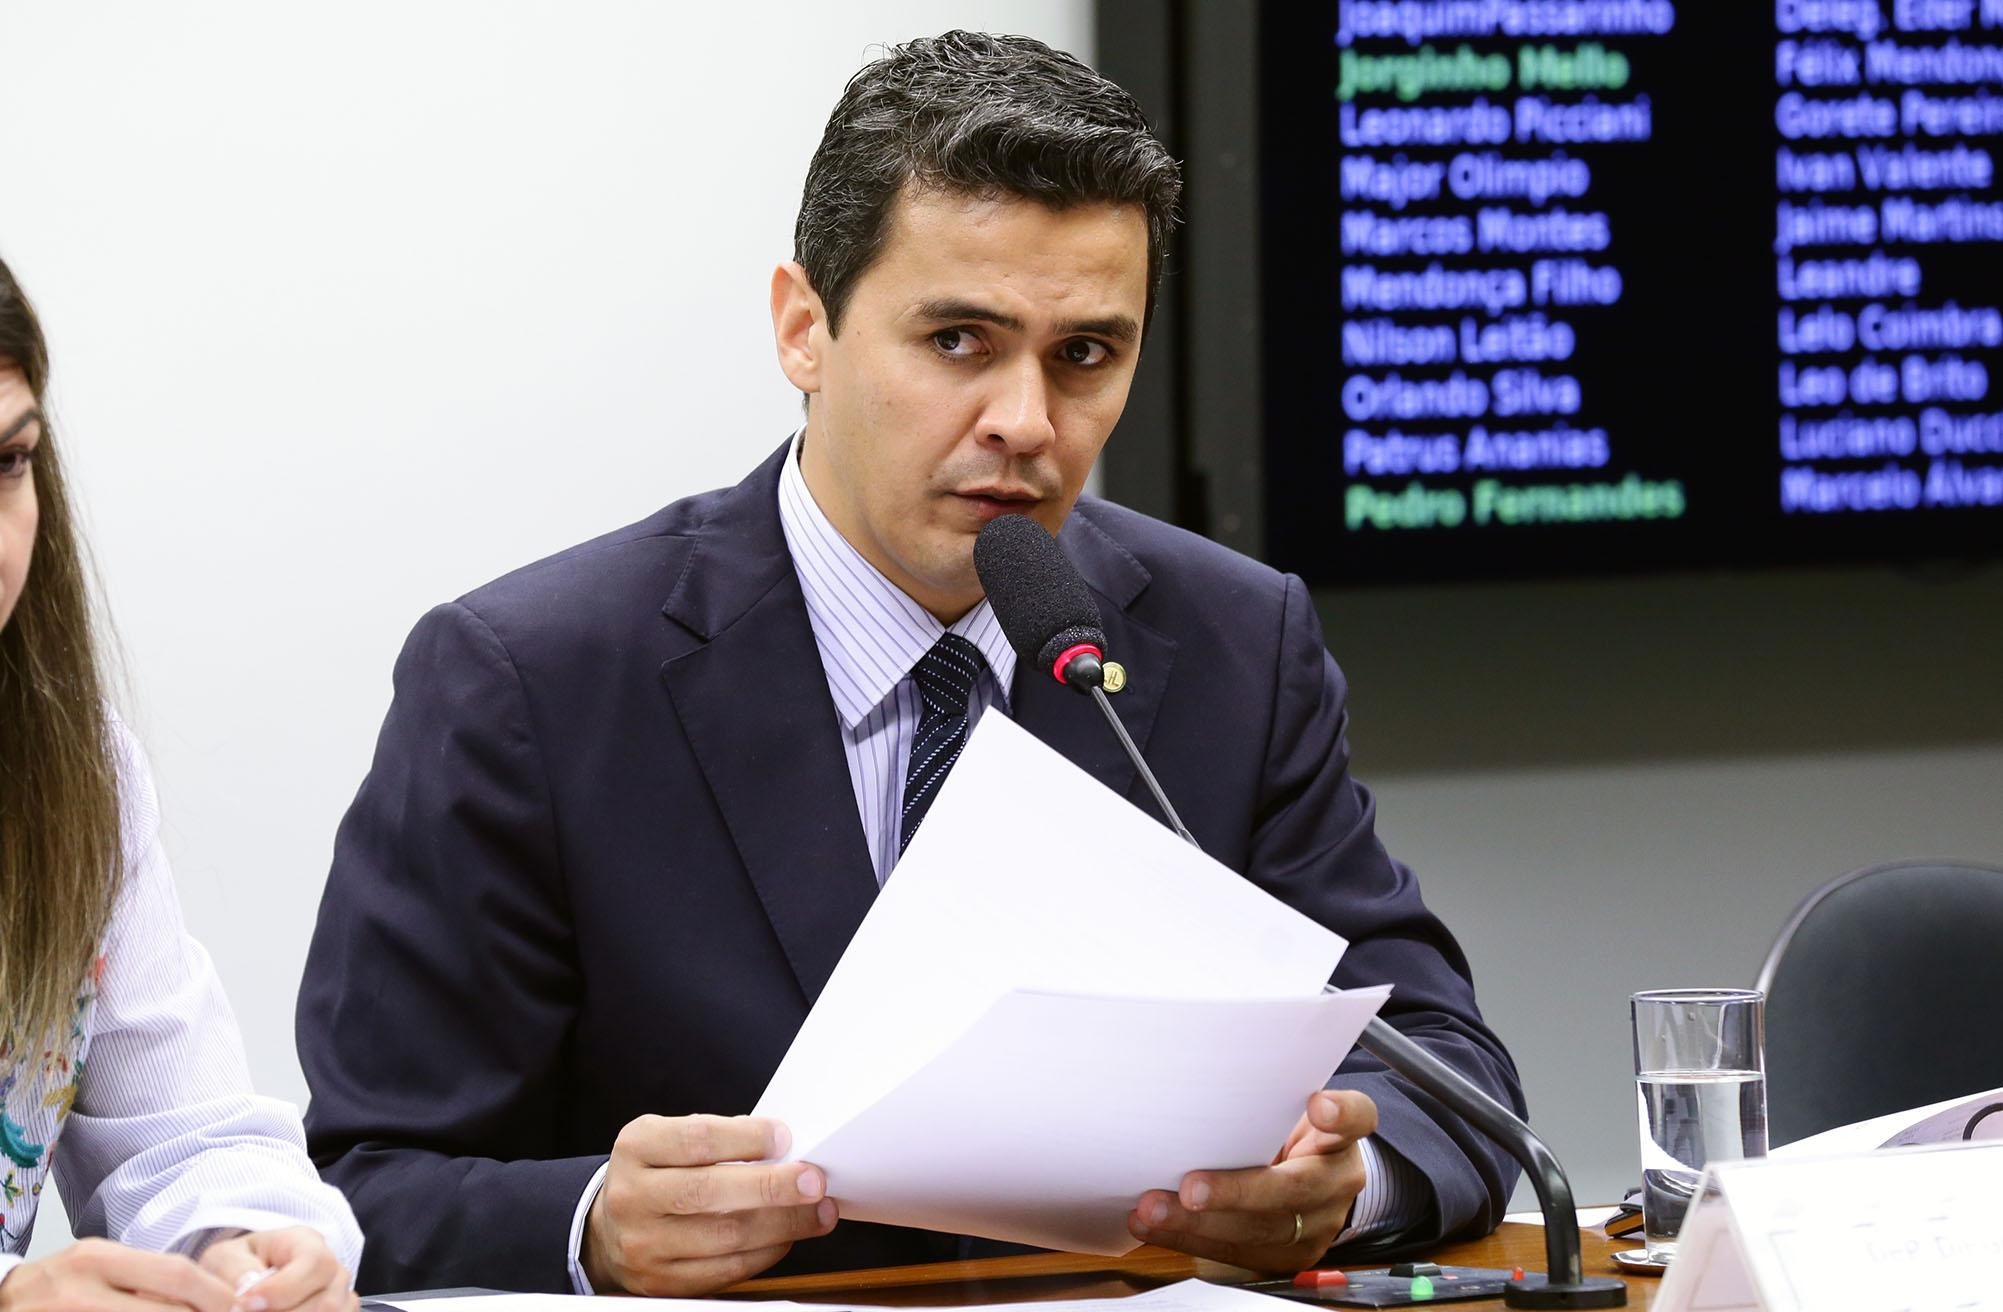 Audiência Pública e Reunião Ordinária. Dep. Diego Garcia (PODE - PR)